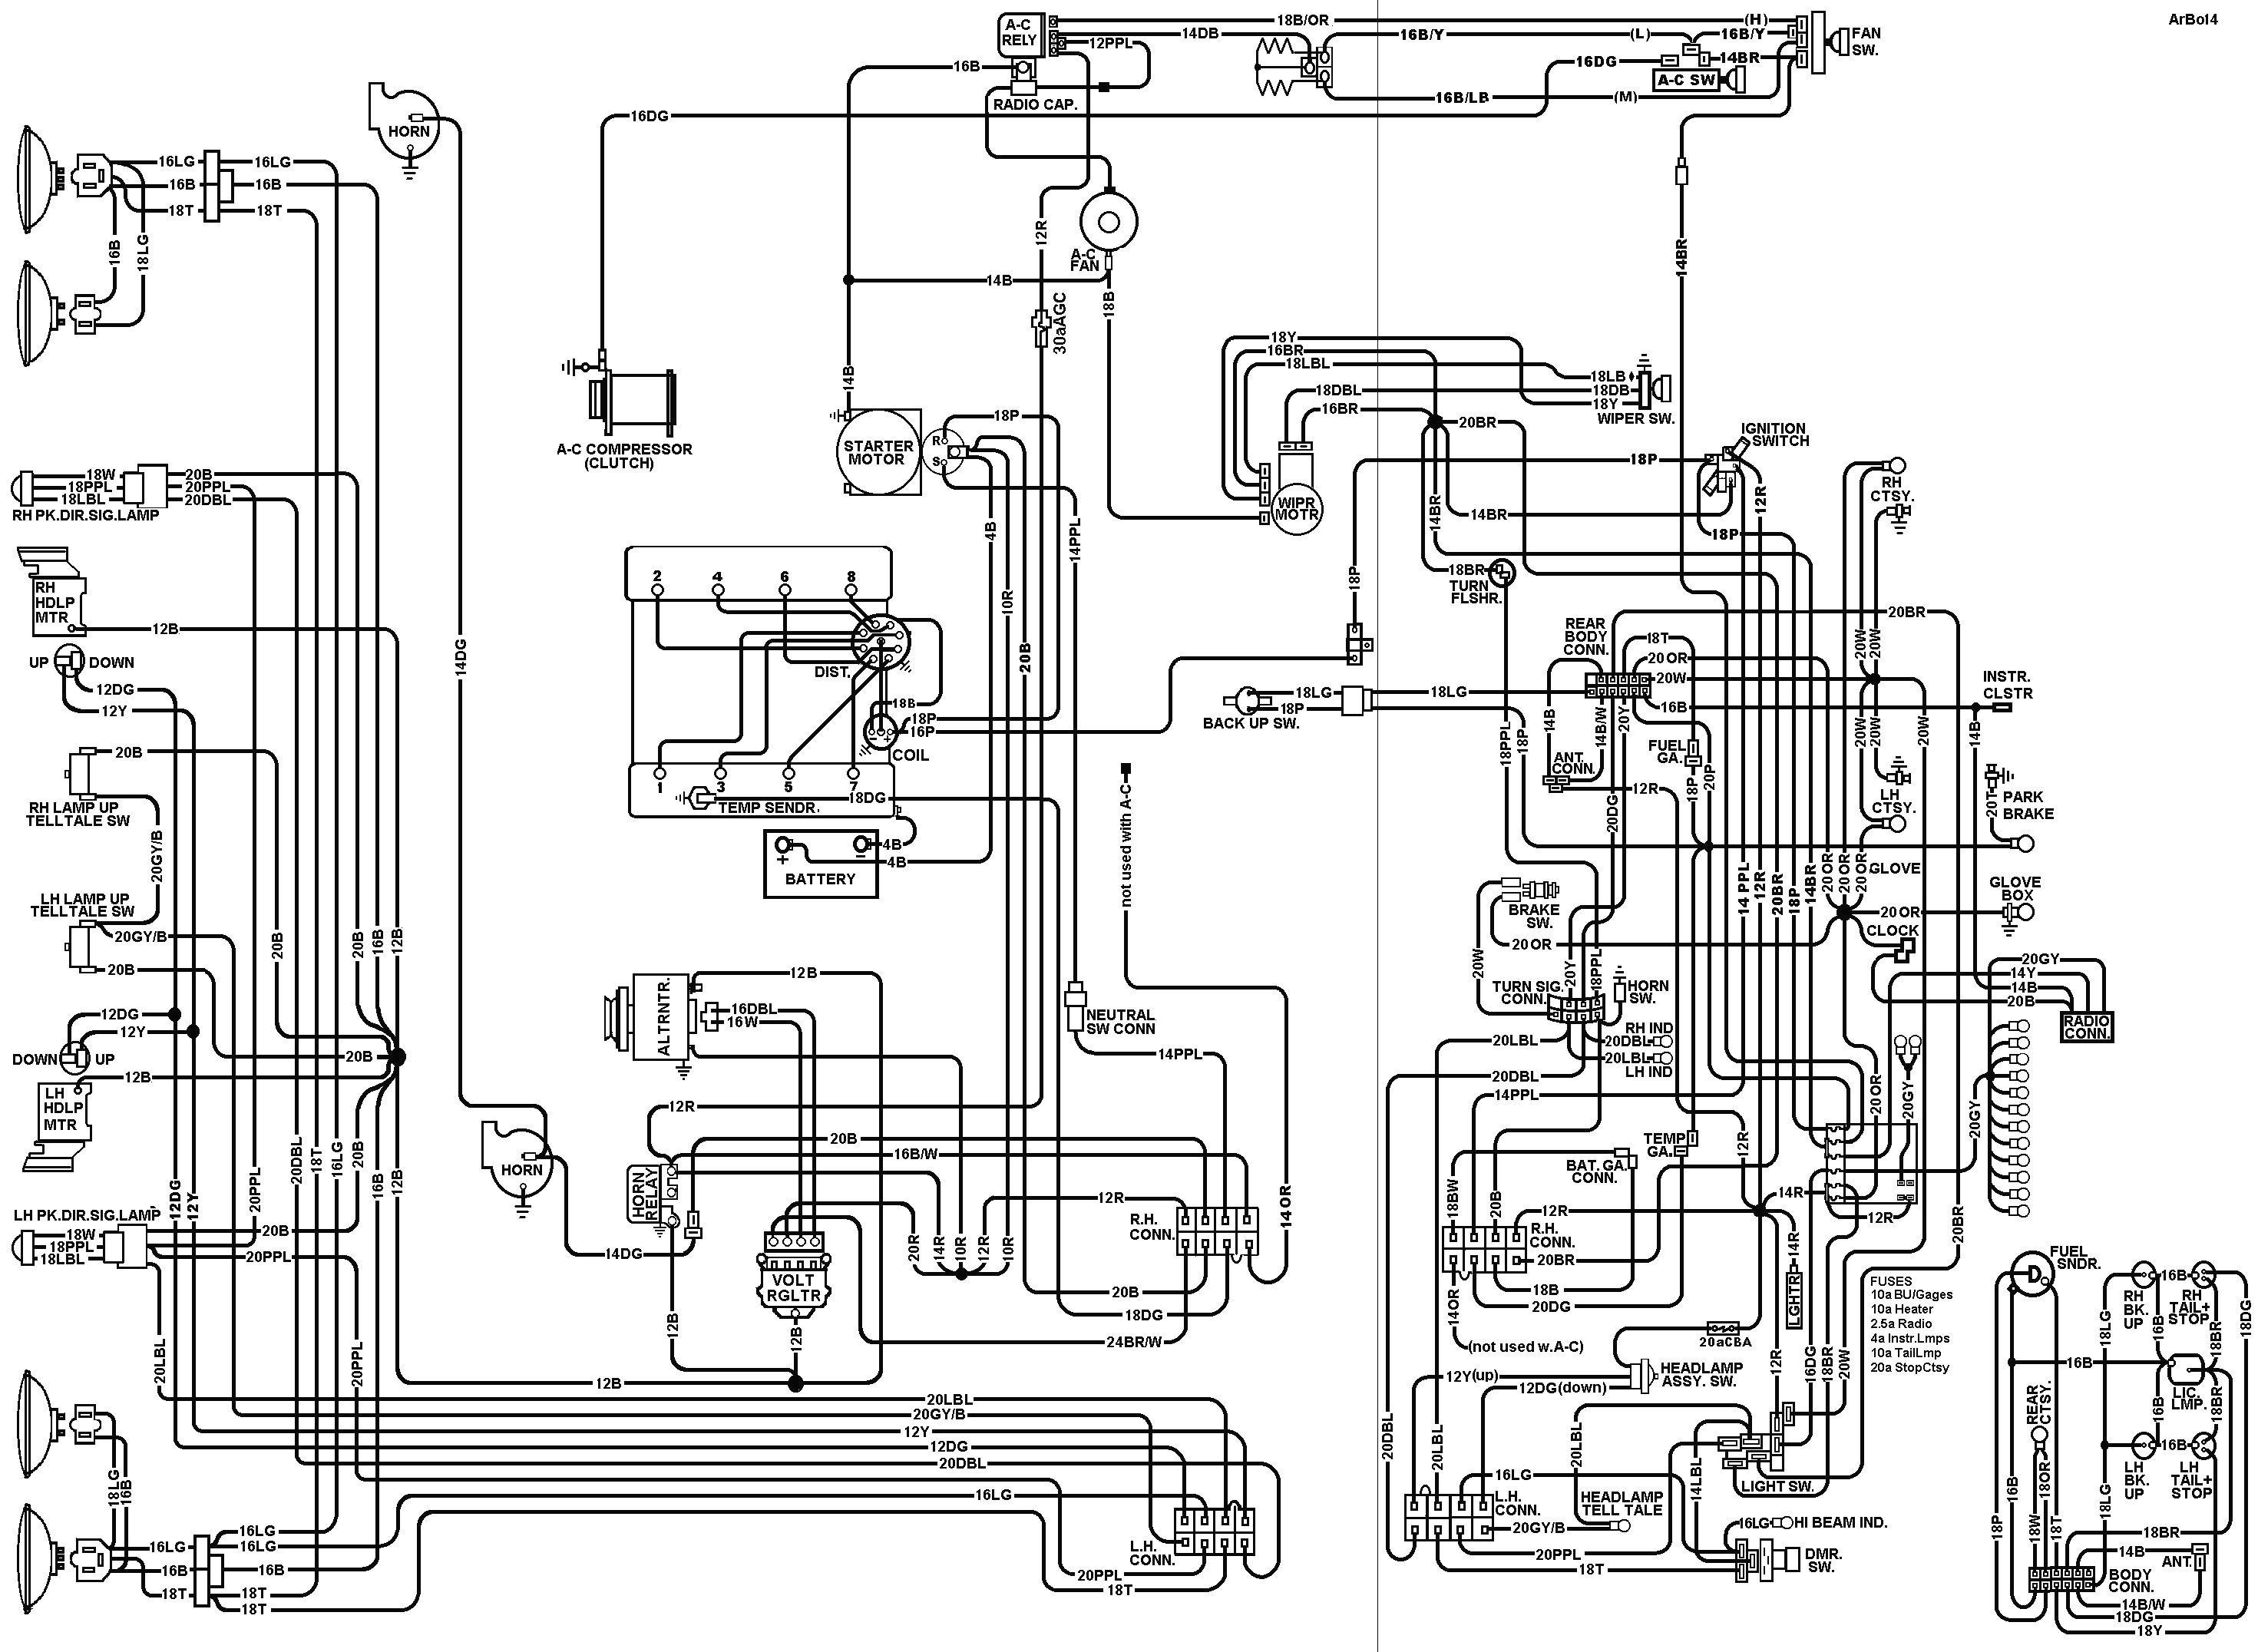 4R70W Transmission Wiring Diagram | Wiring Diagram - 4R70W Transmission Wiring Diagram